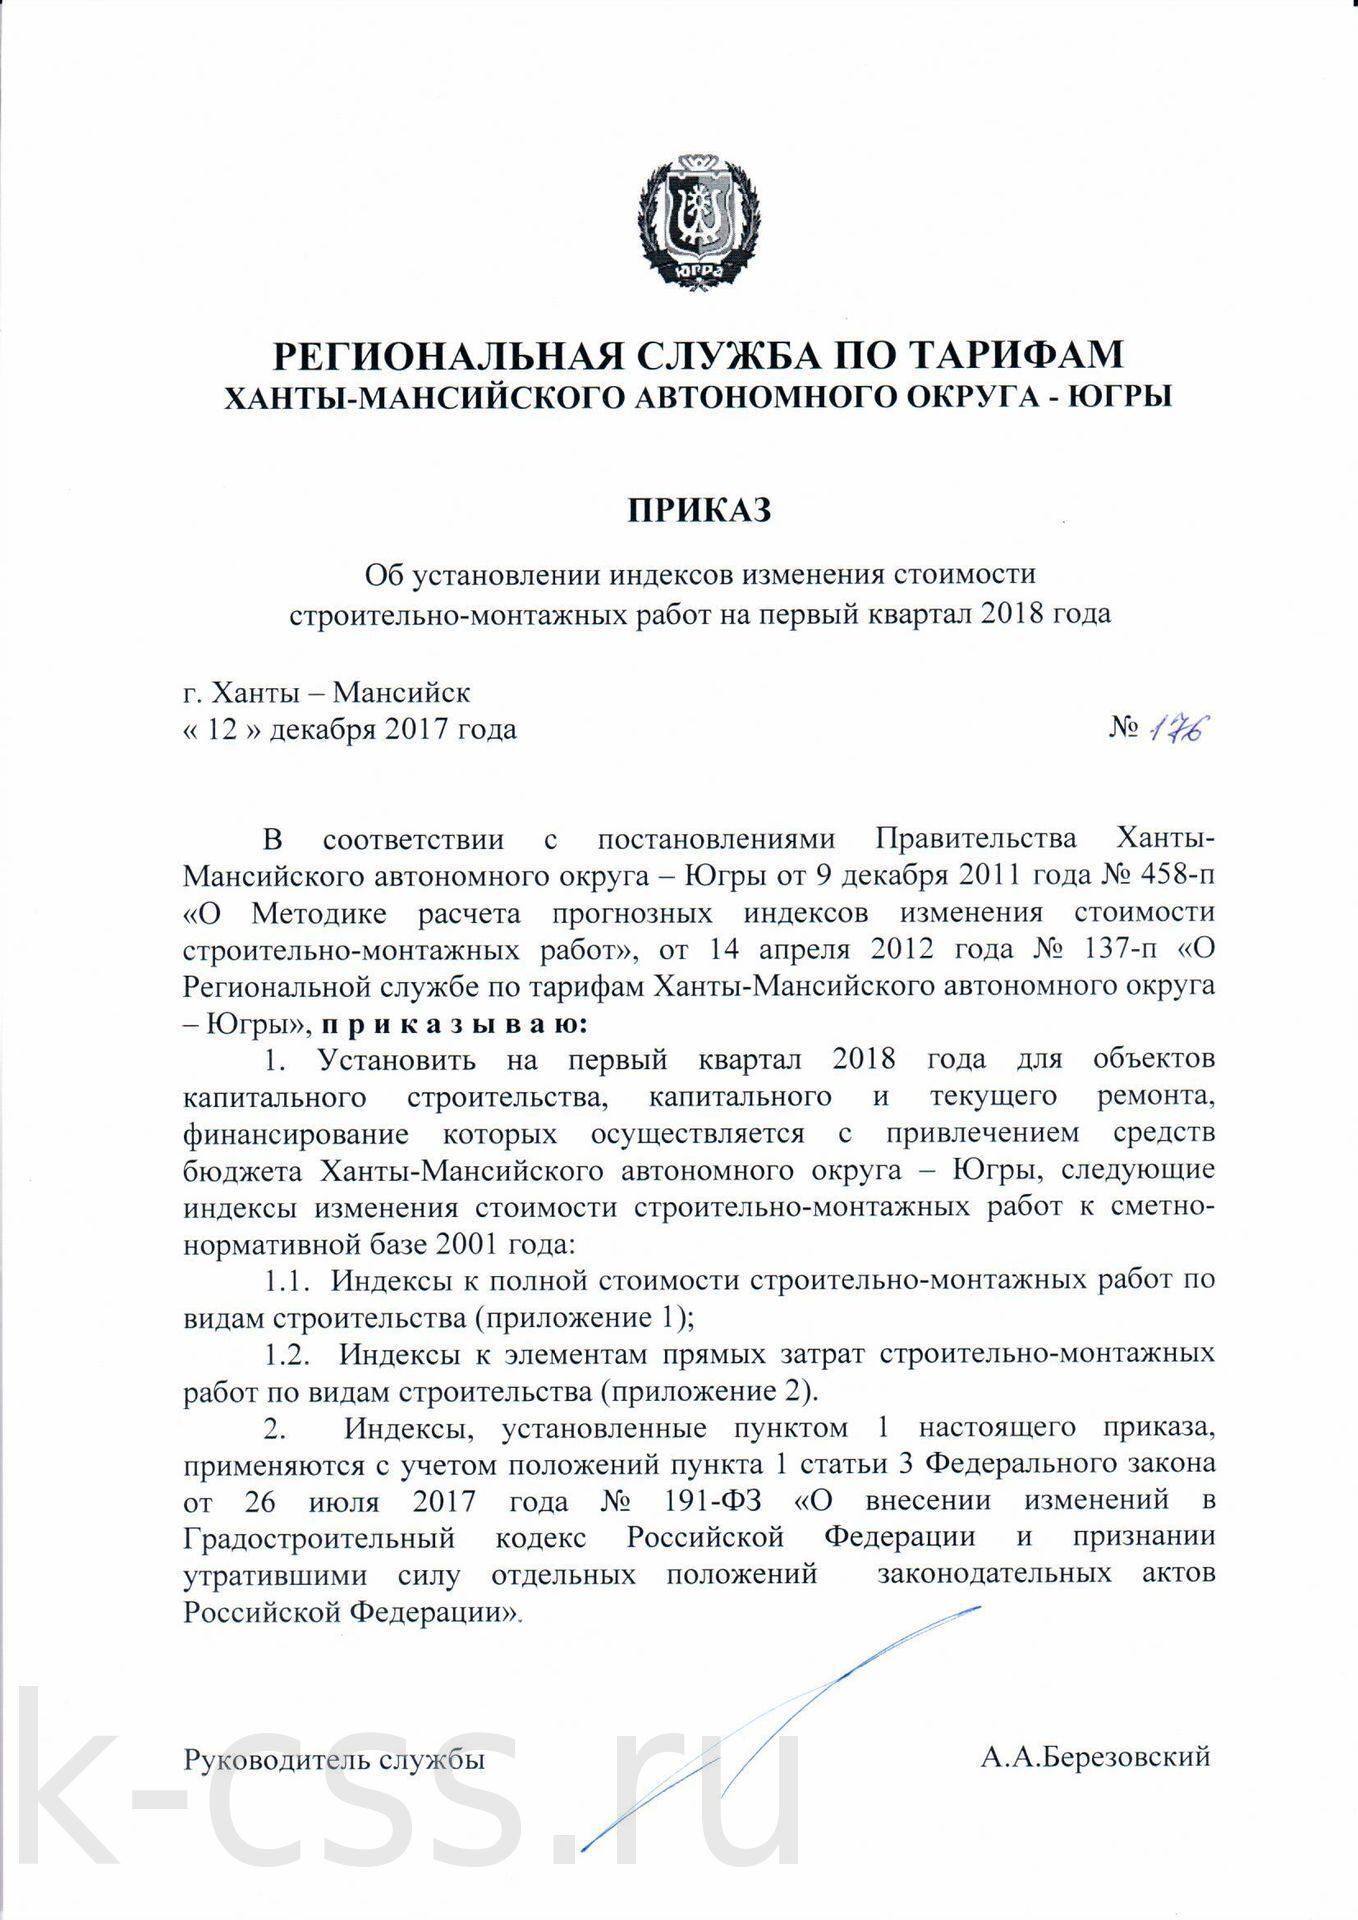 Градостроительный кодекс российской федерации 2018 скачать pdf